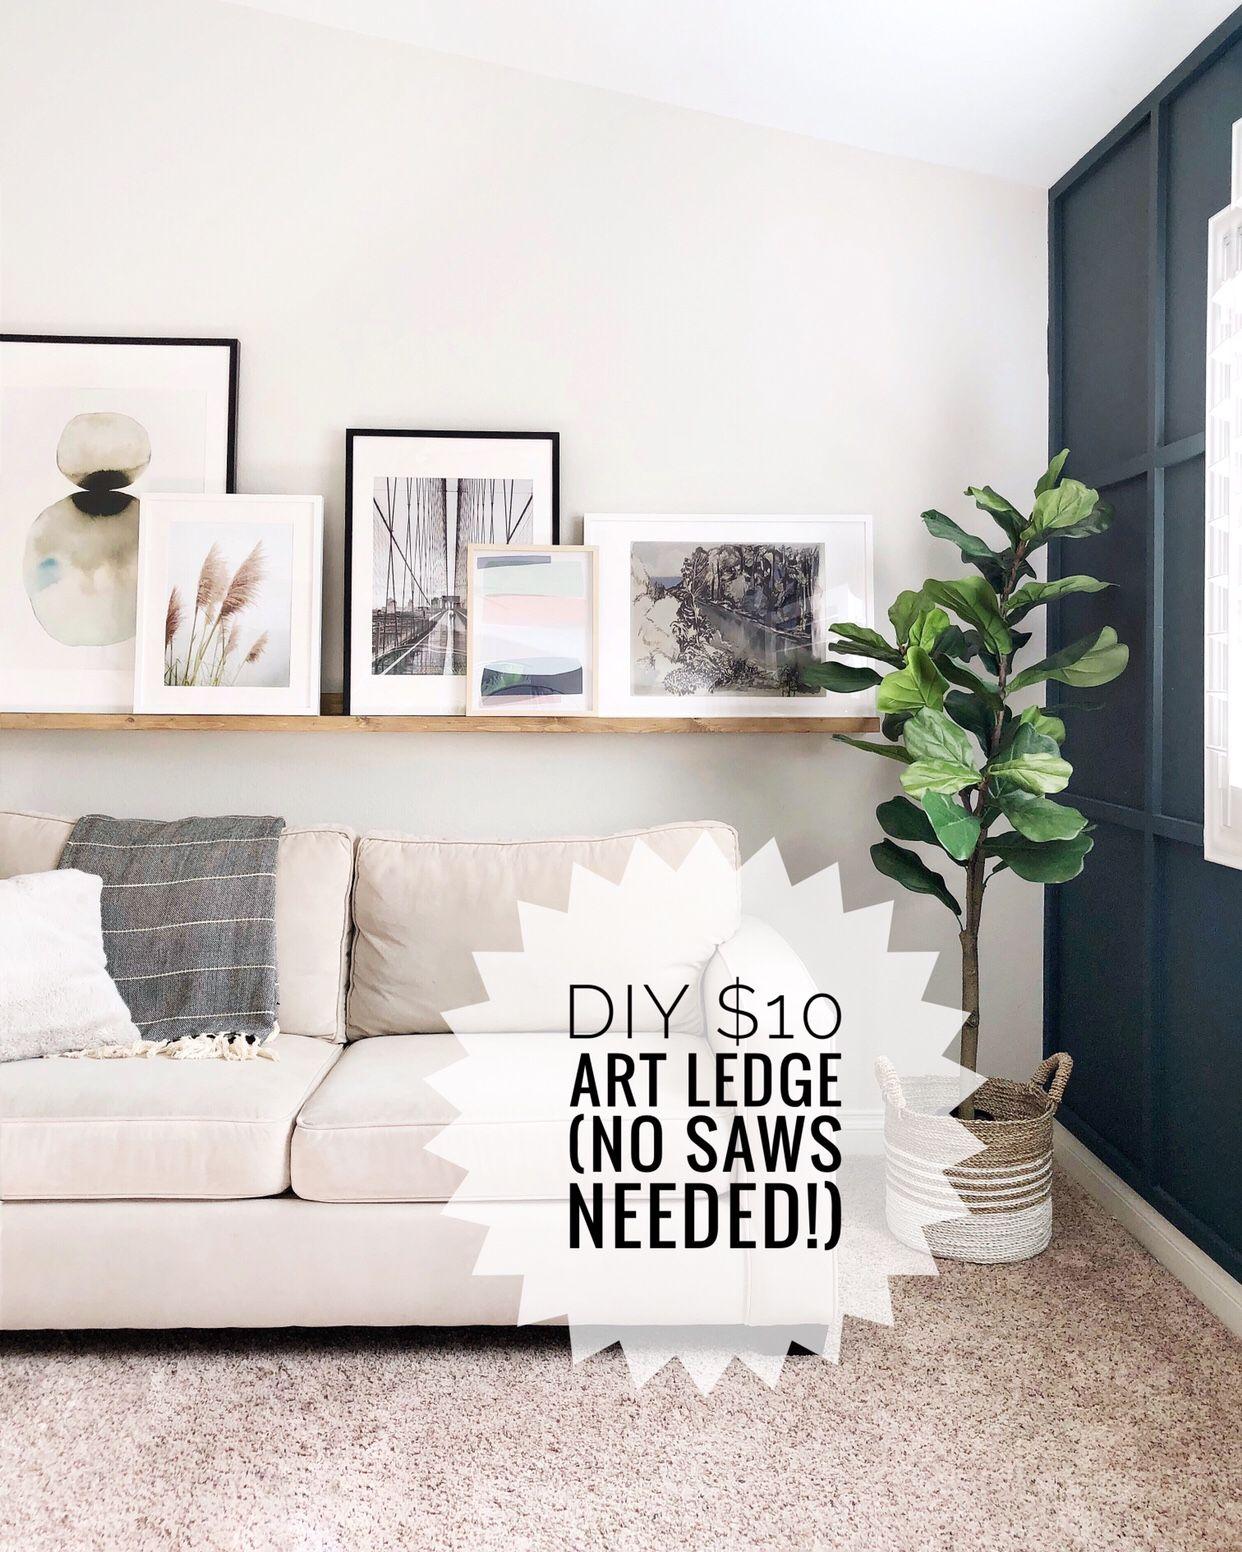 How To Diy A 10 Long Art Ledge Shelf Decor Living Room Room Wall Decor Wall Decor Living Room